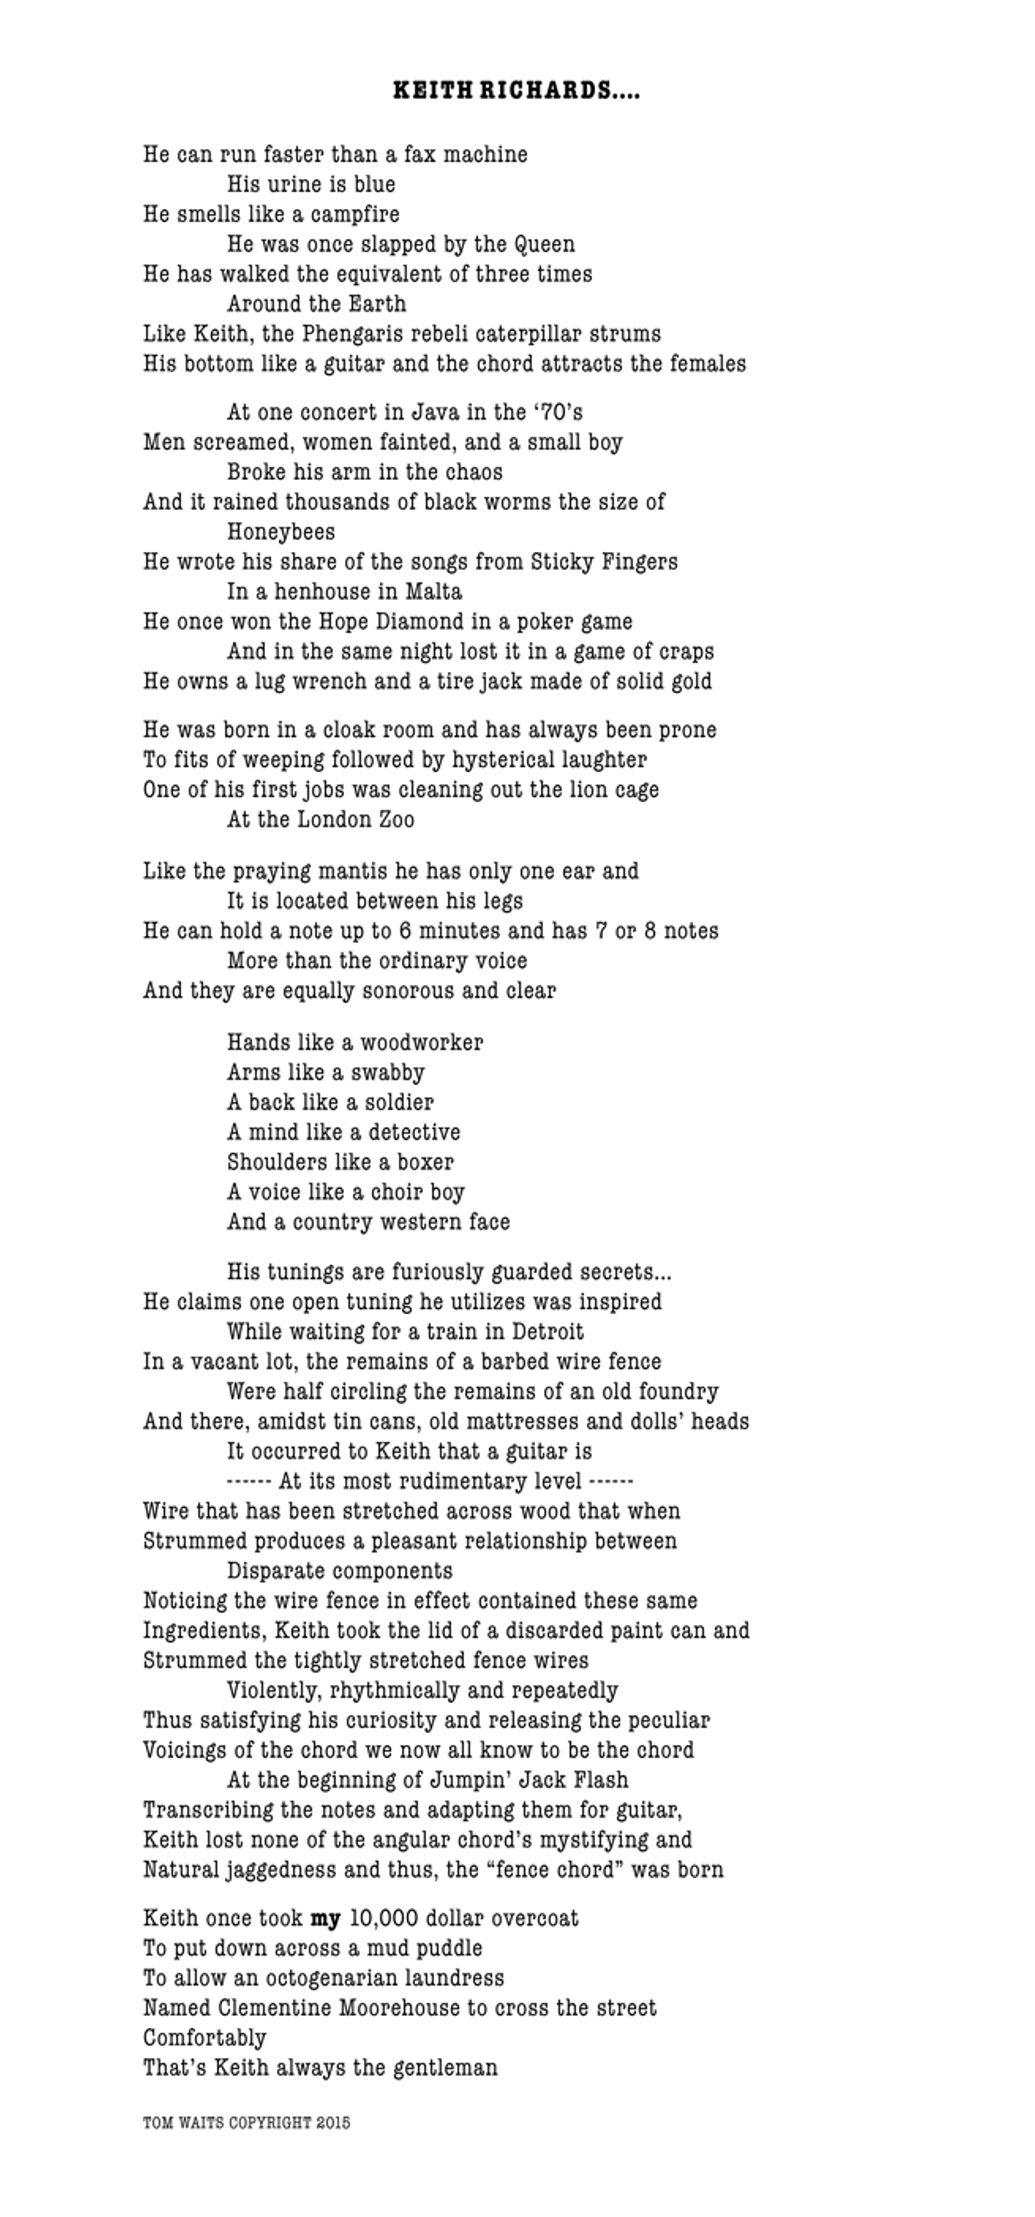 1035x2217-keithrichards-poem-waits